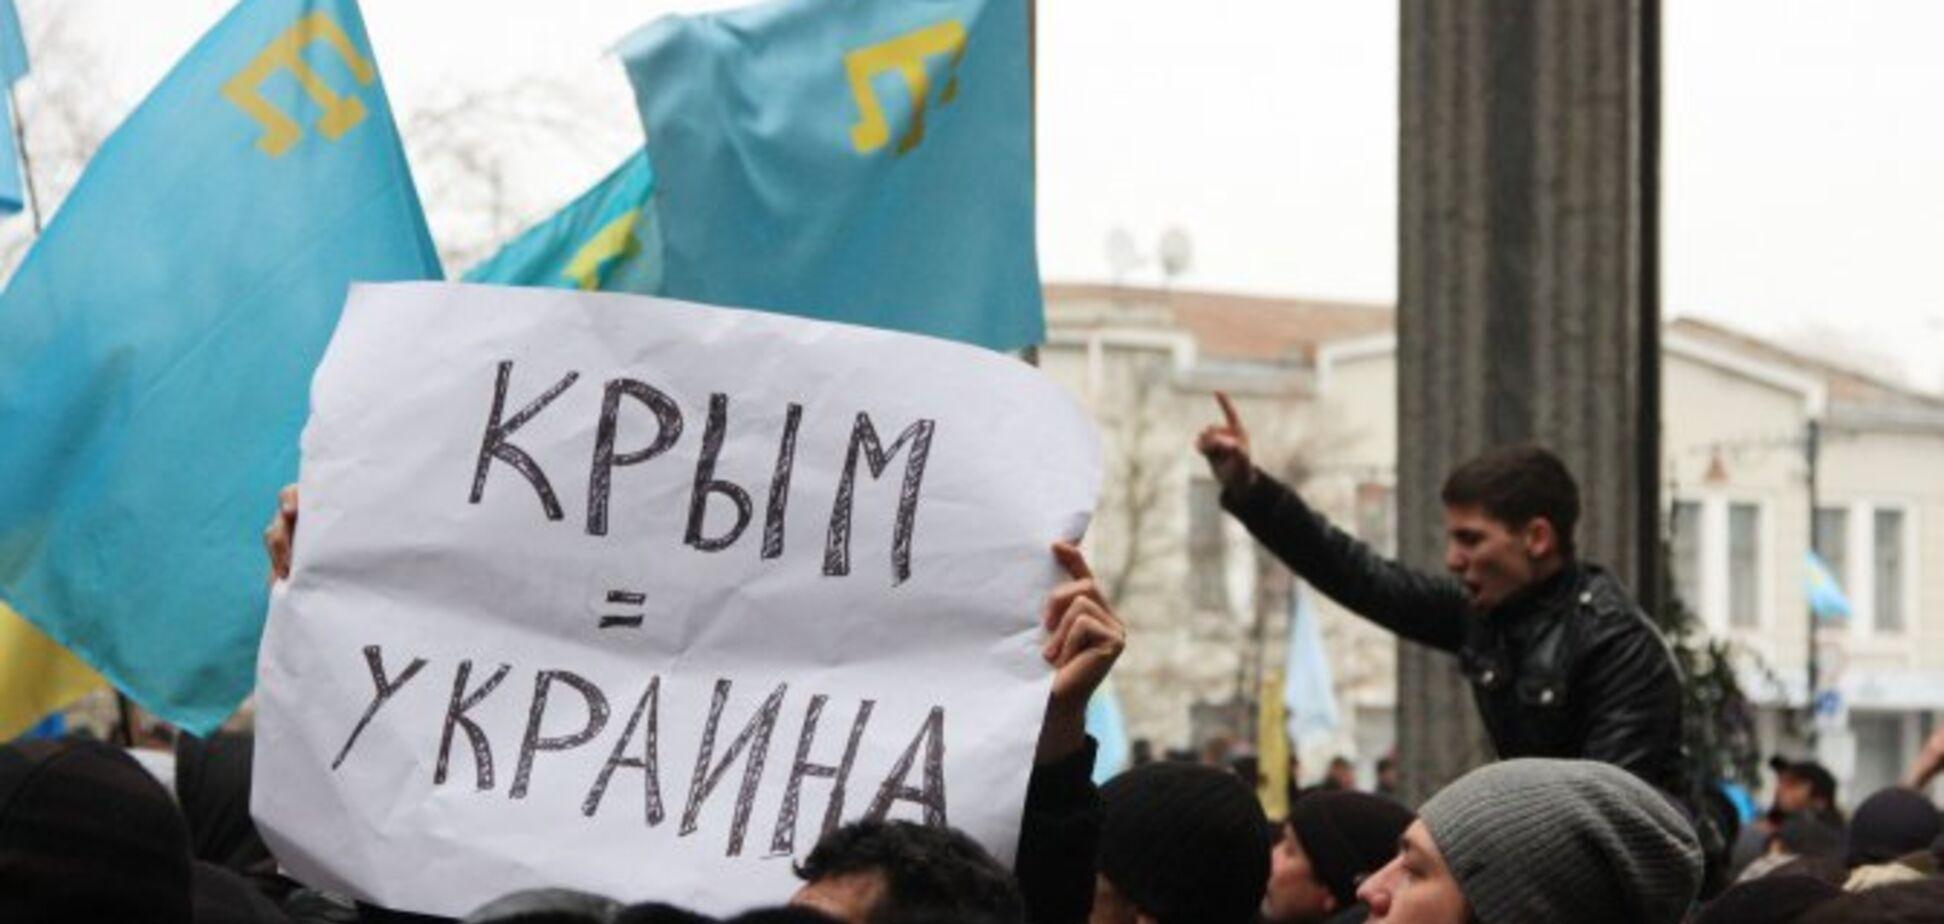 Як Росія вкрала Крим в України: хроніка фатальних подій тих днів